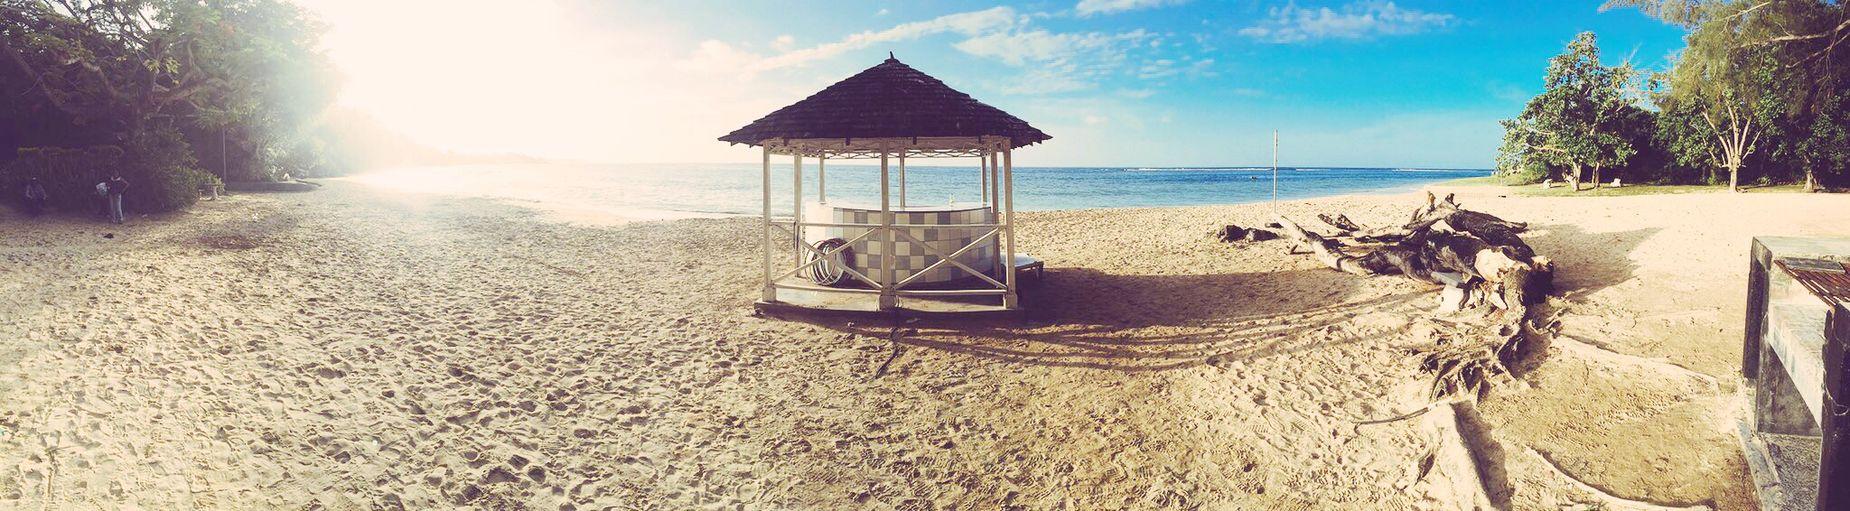 Jamaica Sun #ComeBack Sand #beach #waves #Strand #Sand